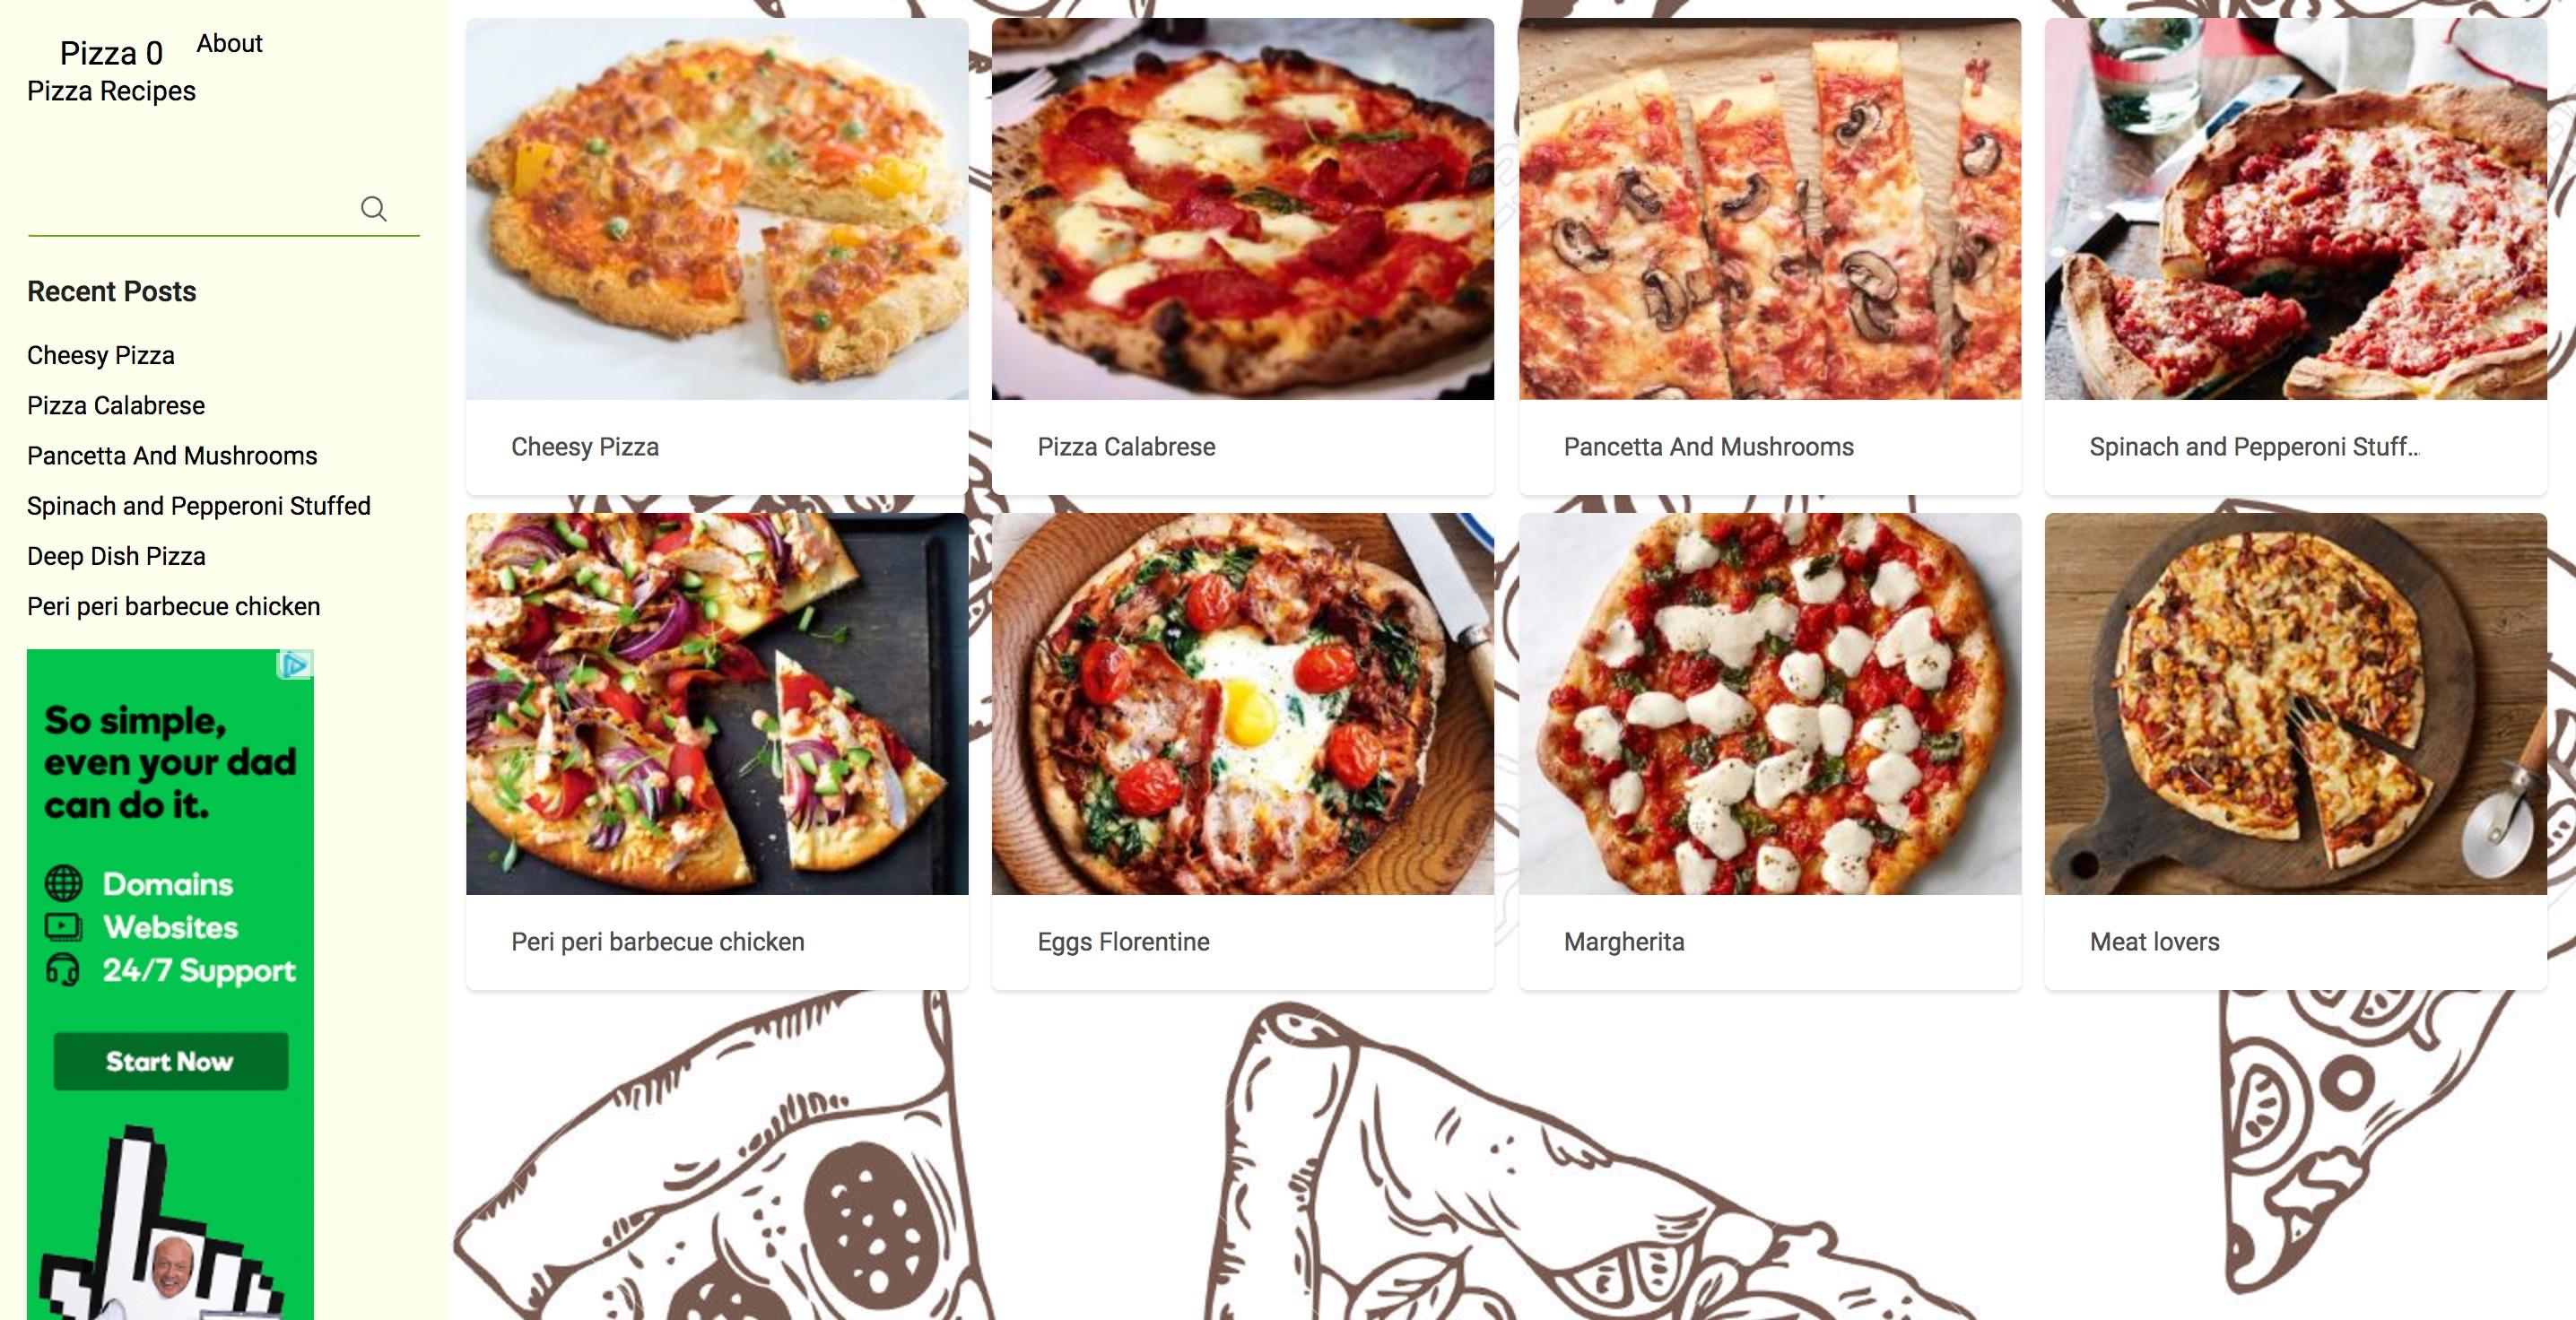 pizza0.com